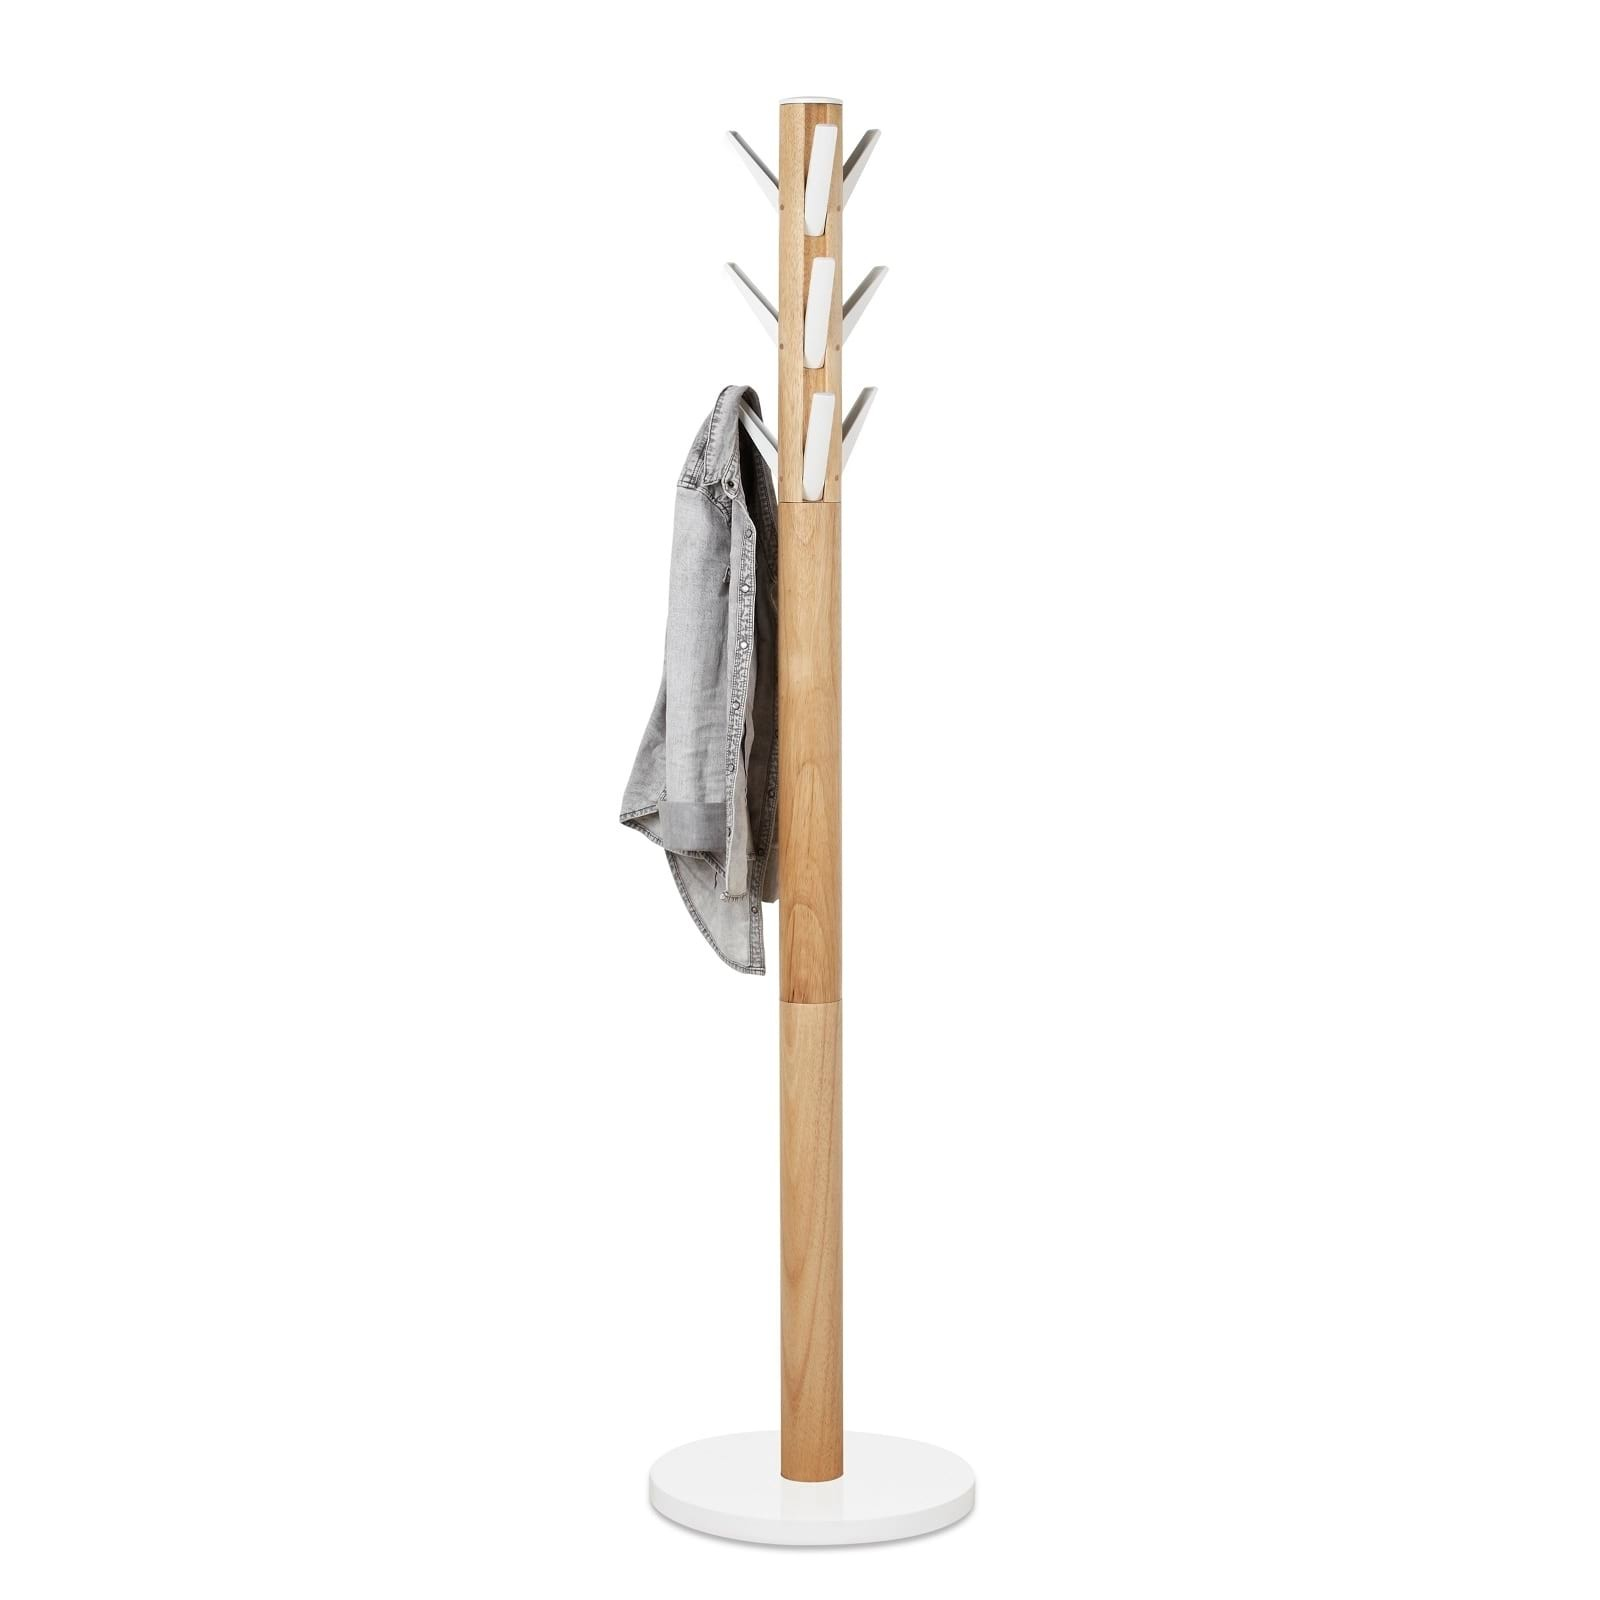 Καλόγερος Ρούχων Flapper (Λευκό / Ξύλο) - Umbra